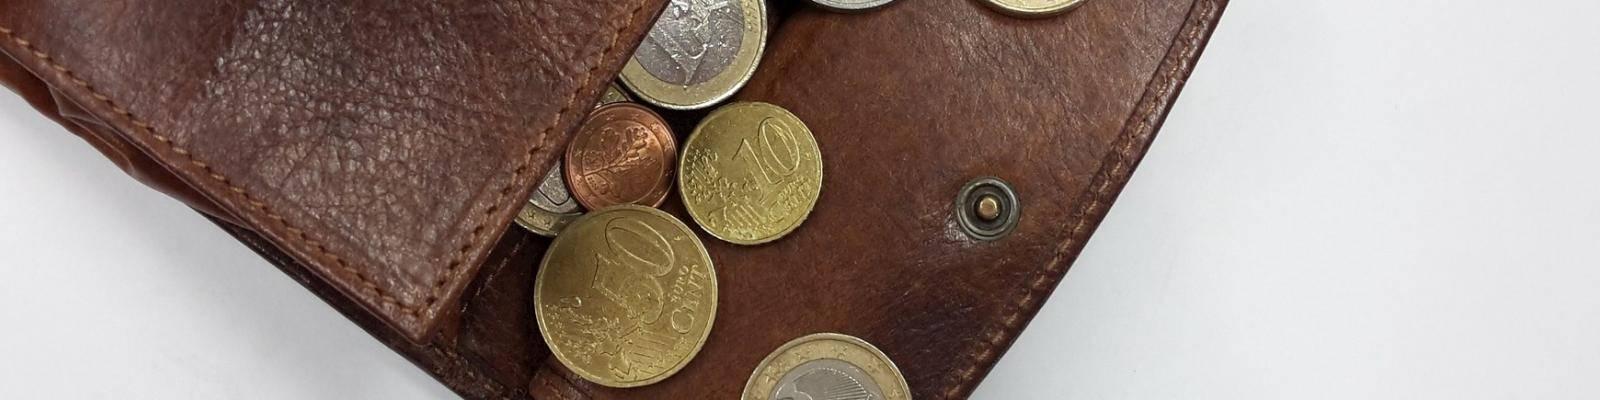 portemonnee met muntgeld